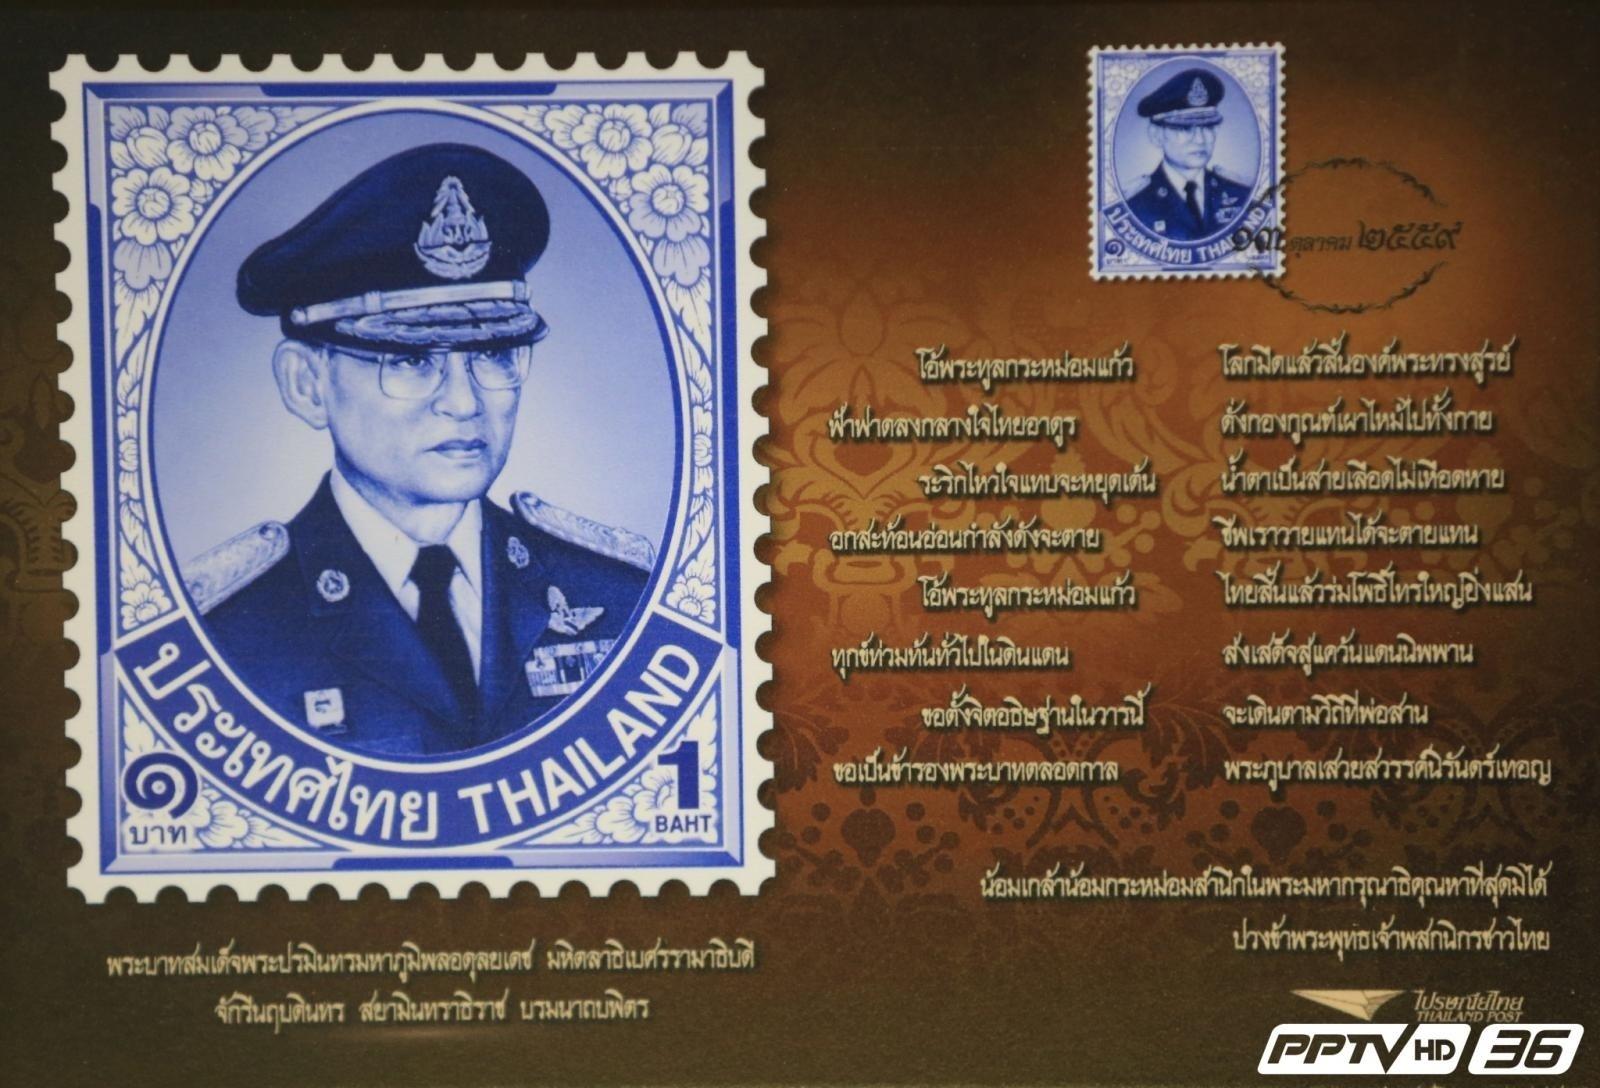 ไปรษณีย์ไทย เผย ยอดขอรับบัตรภาพผนึกแสตมป์ ร.9 ทะลุ 5.5 ล้านคน